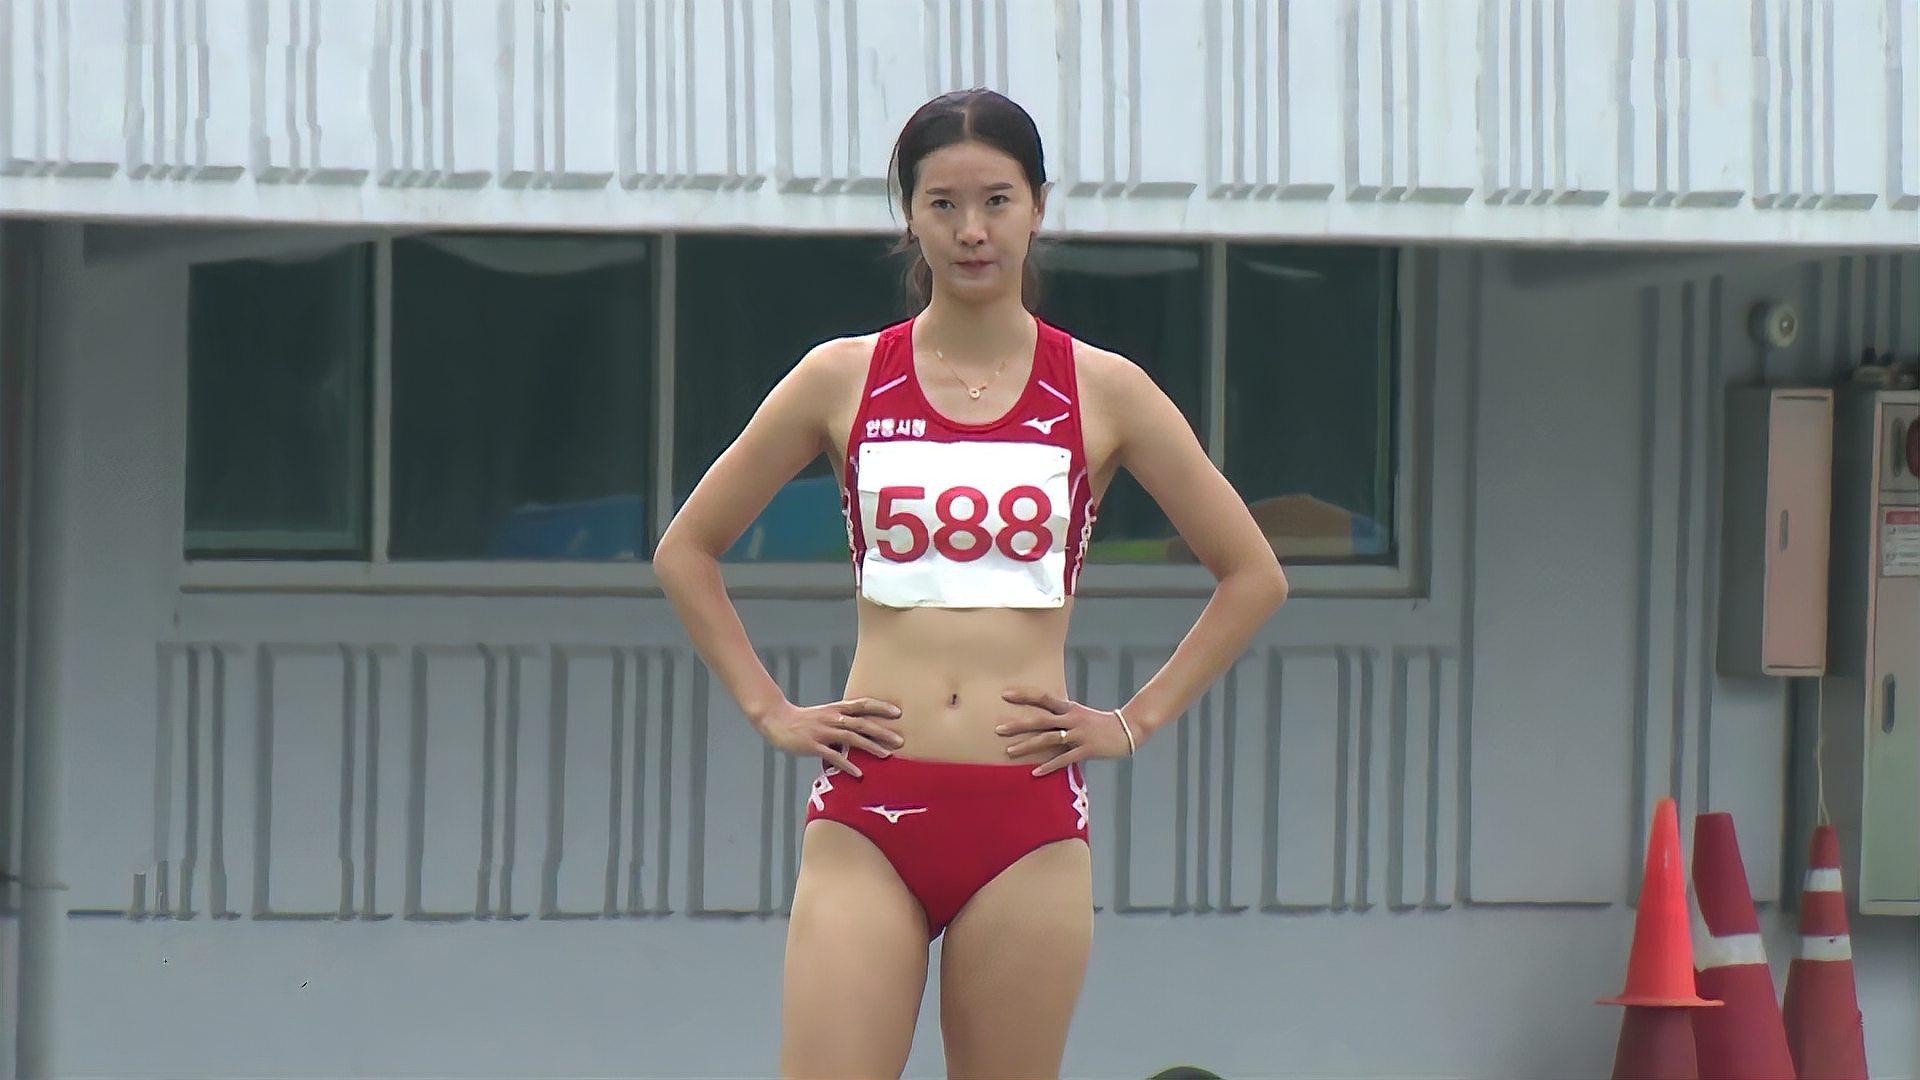 韩国田径界那些美貌与实力并存的美女运动员